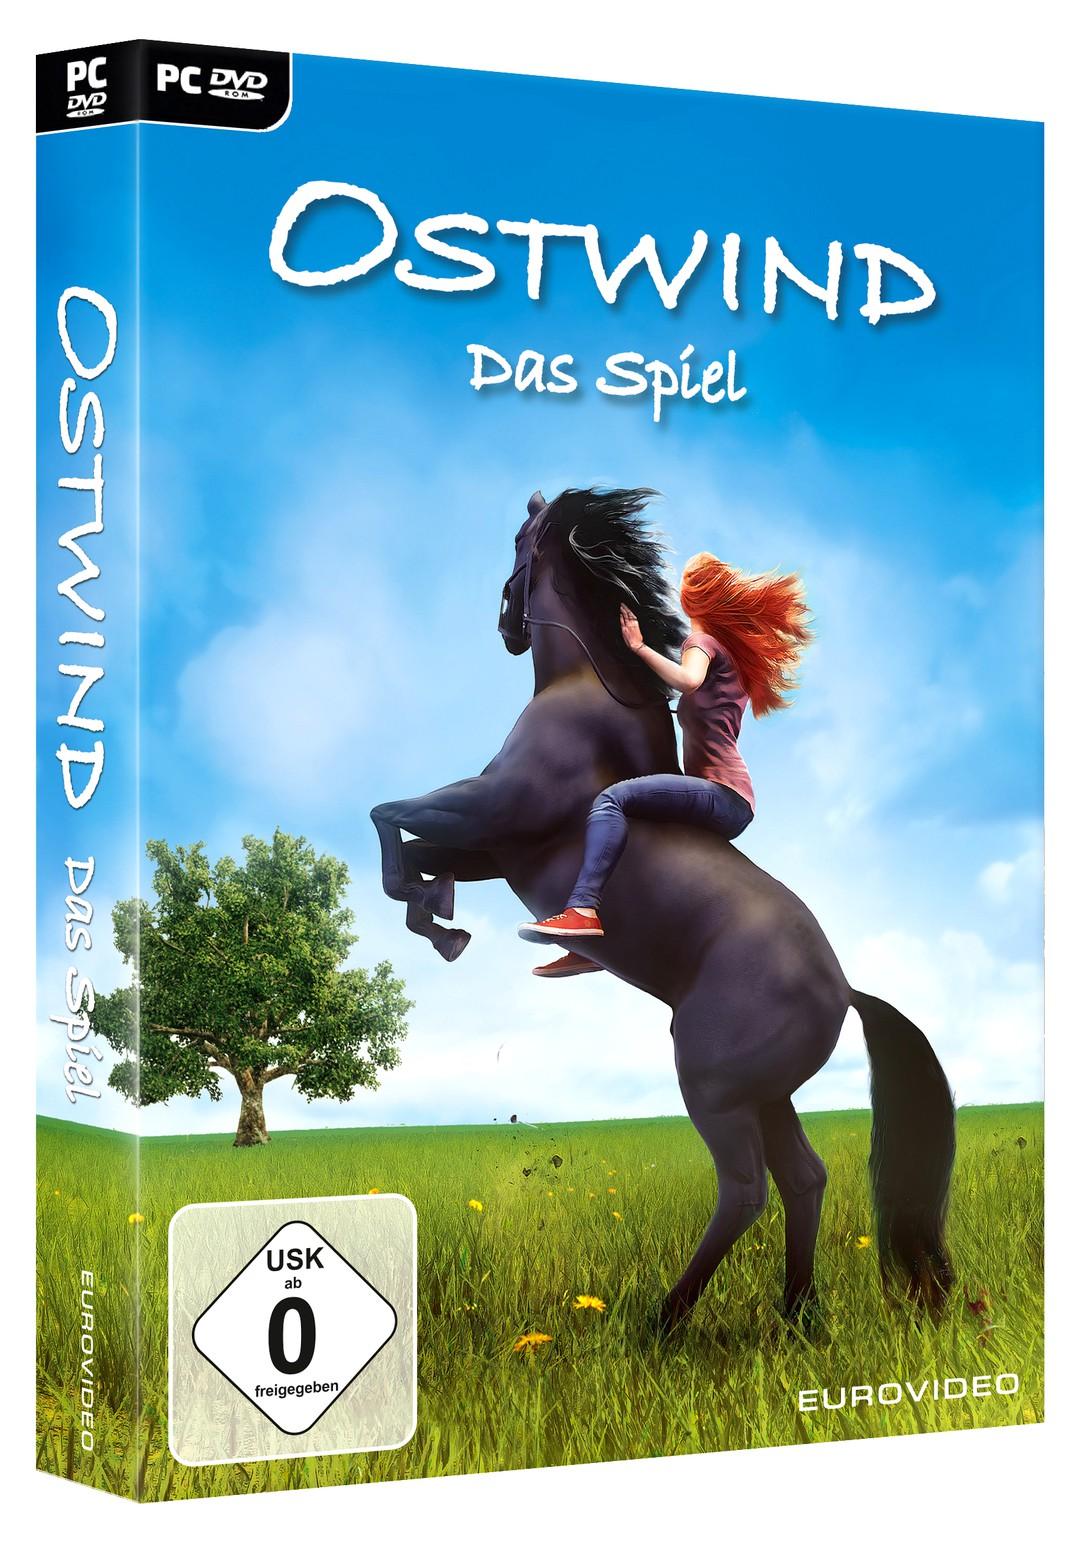 Ostwind - Das Spiel: erster Trailer - Bild 1 von 3